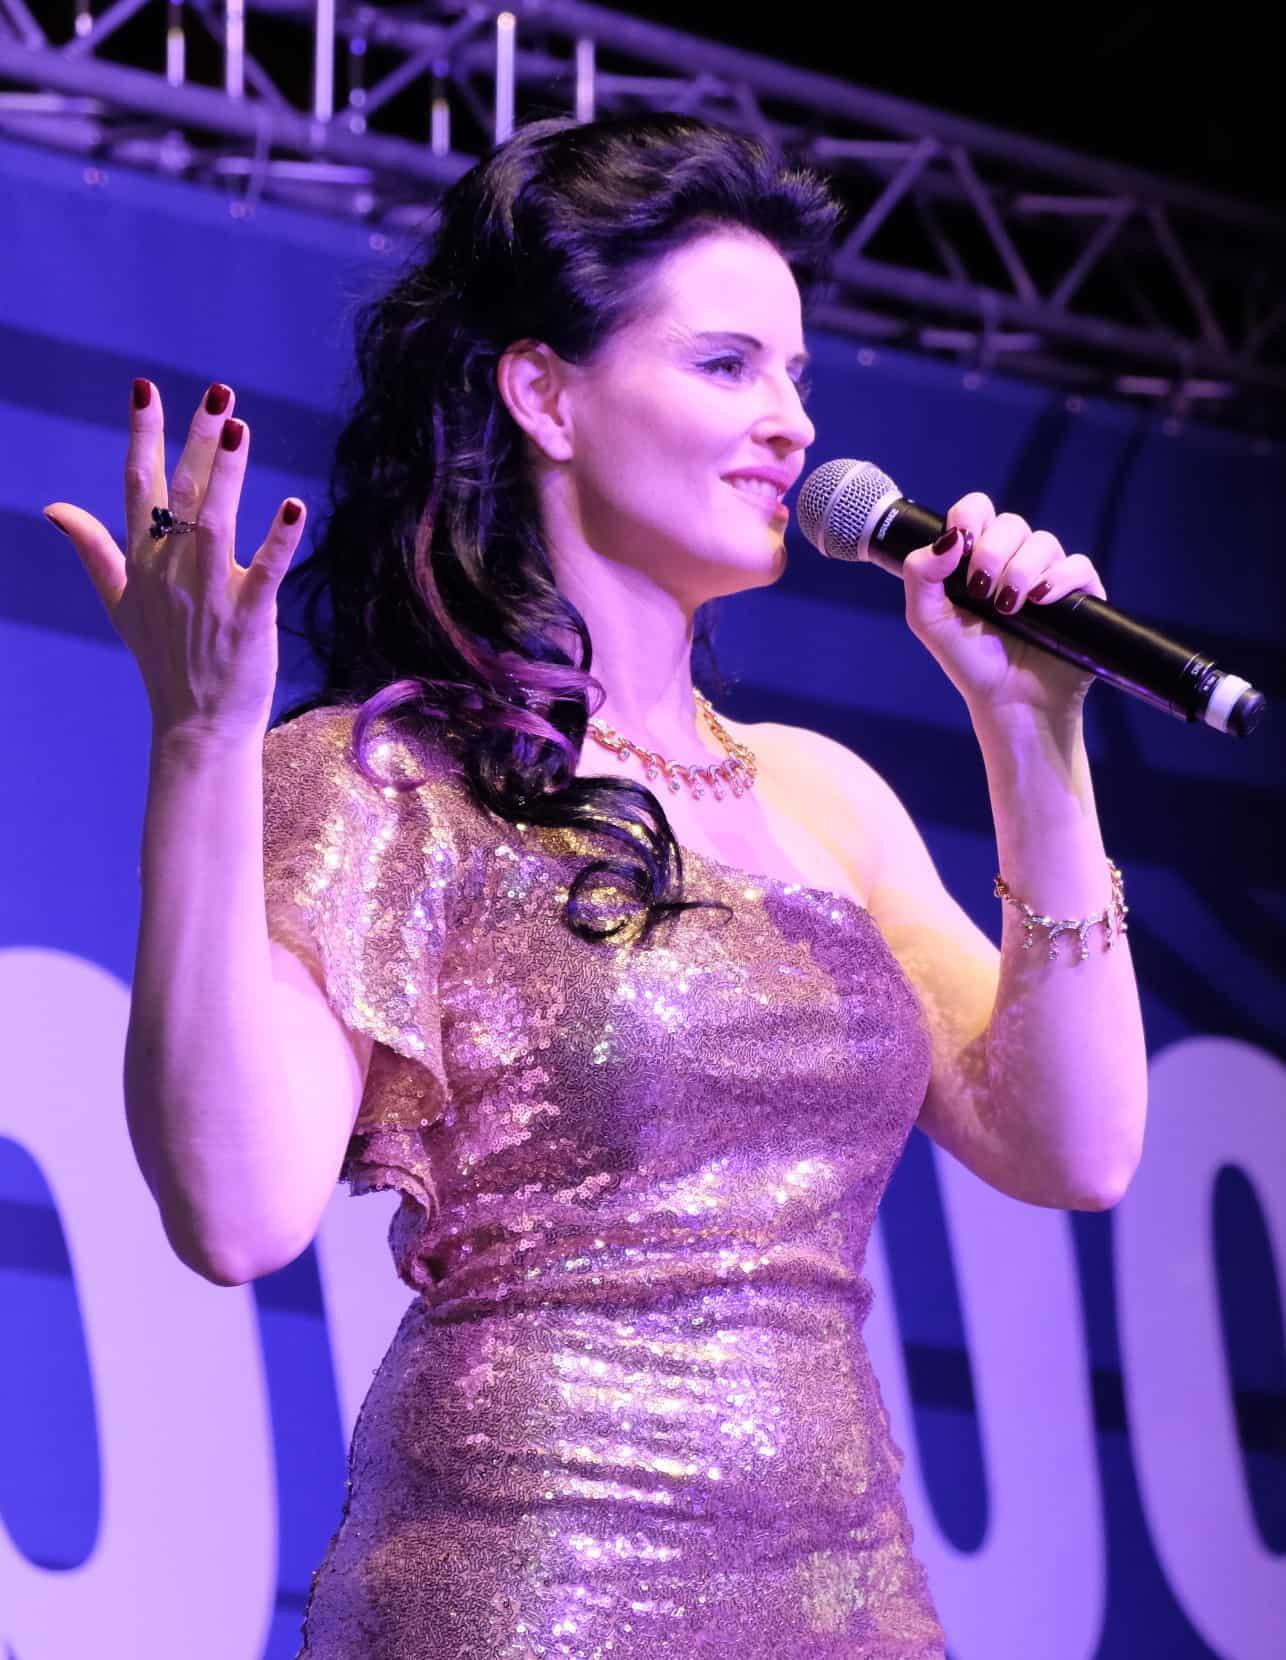 Die singende Moderatorin Danja Bauer aus Wien